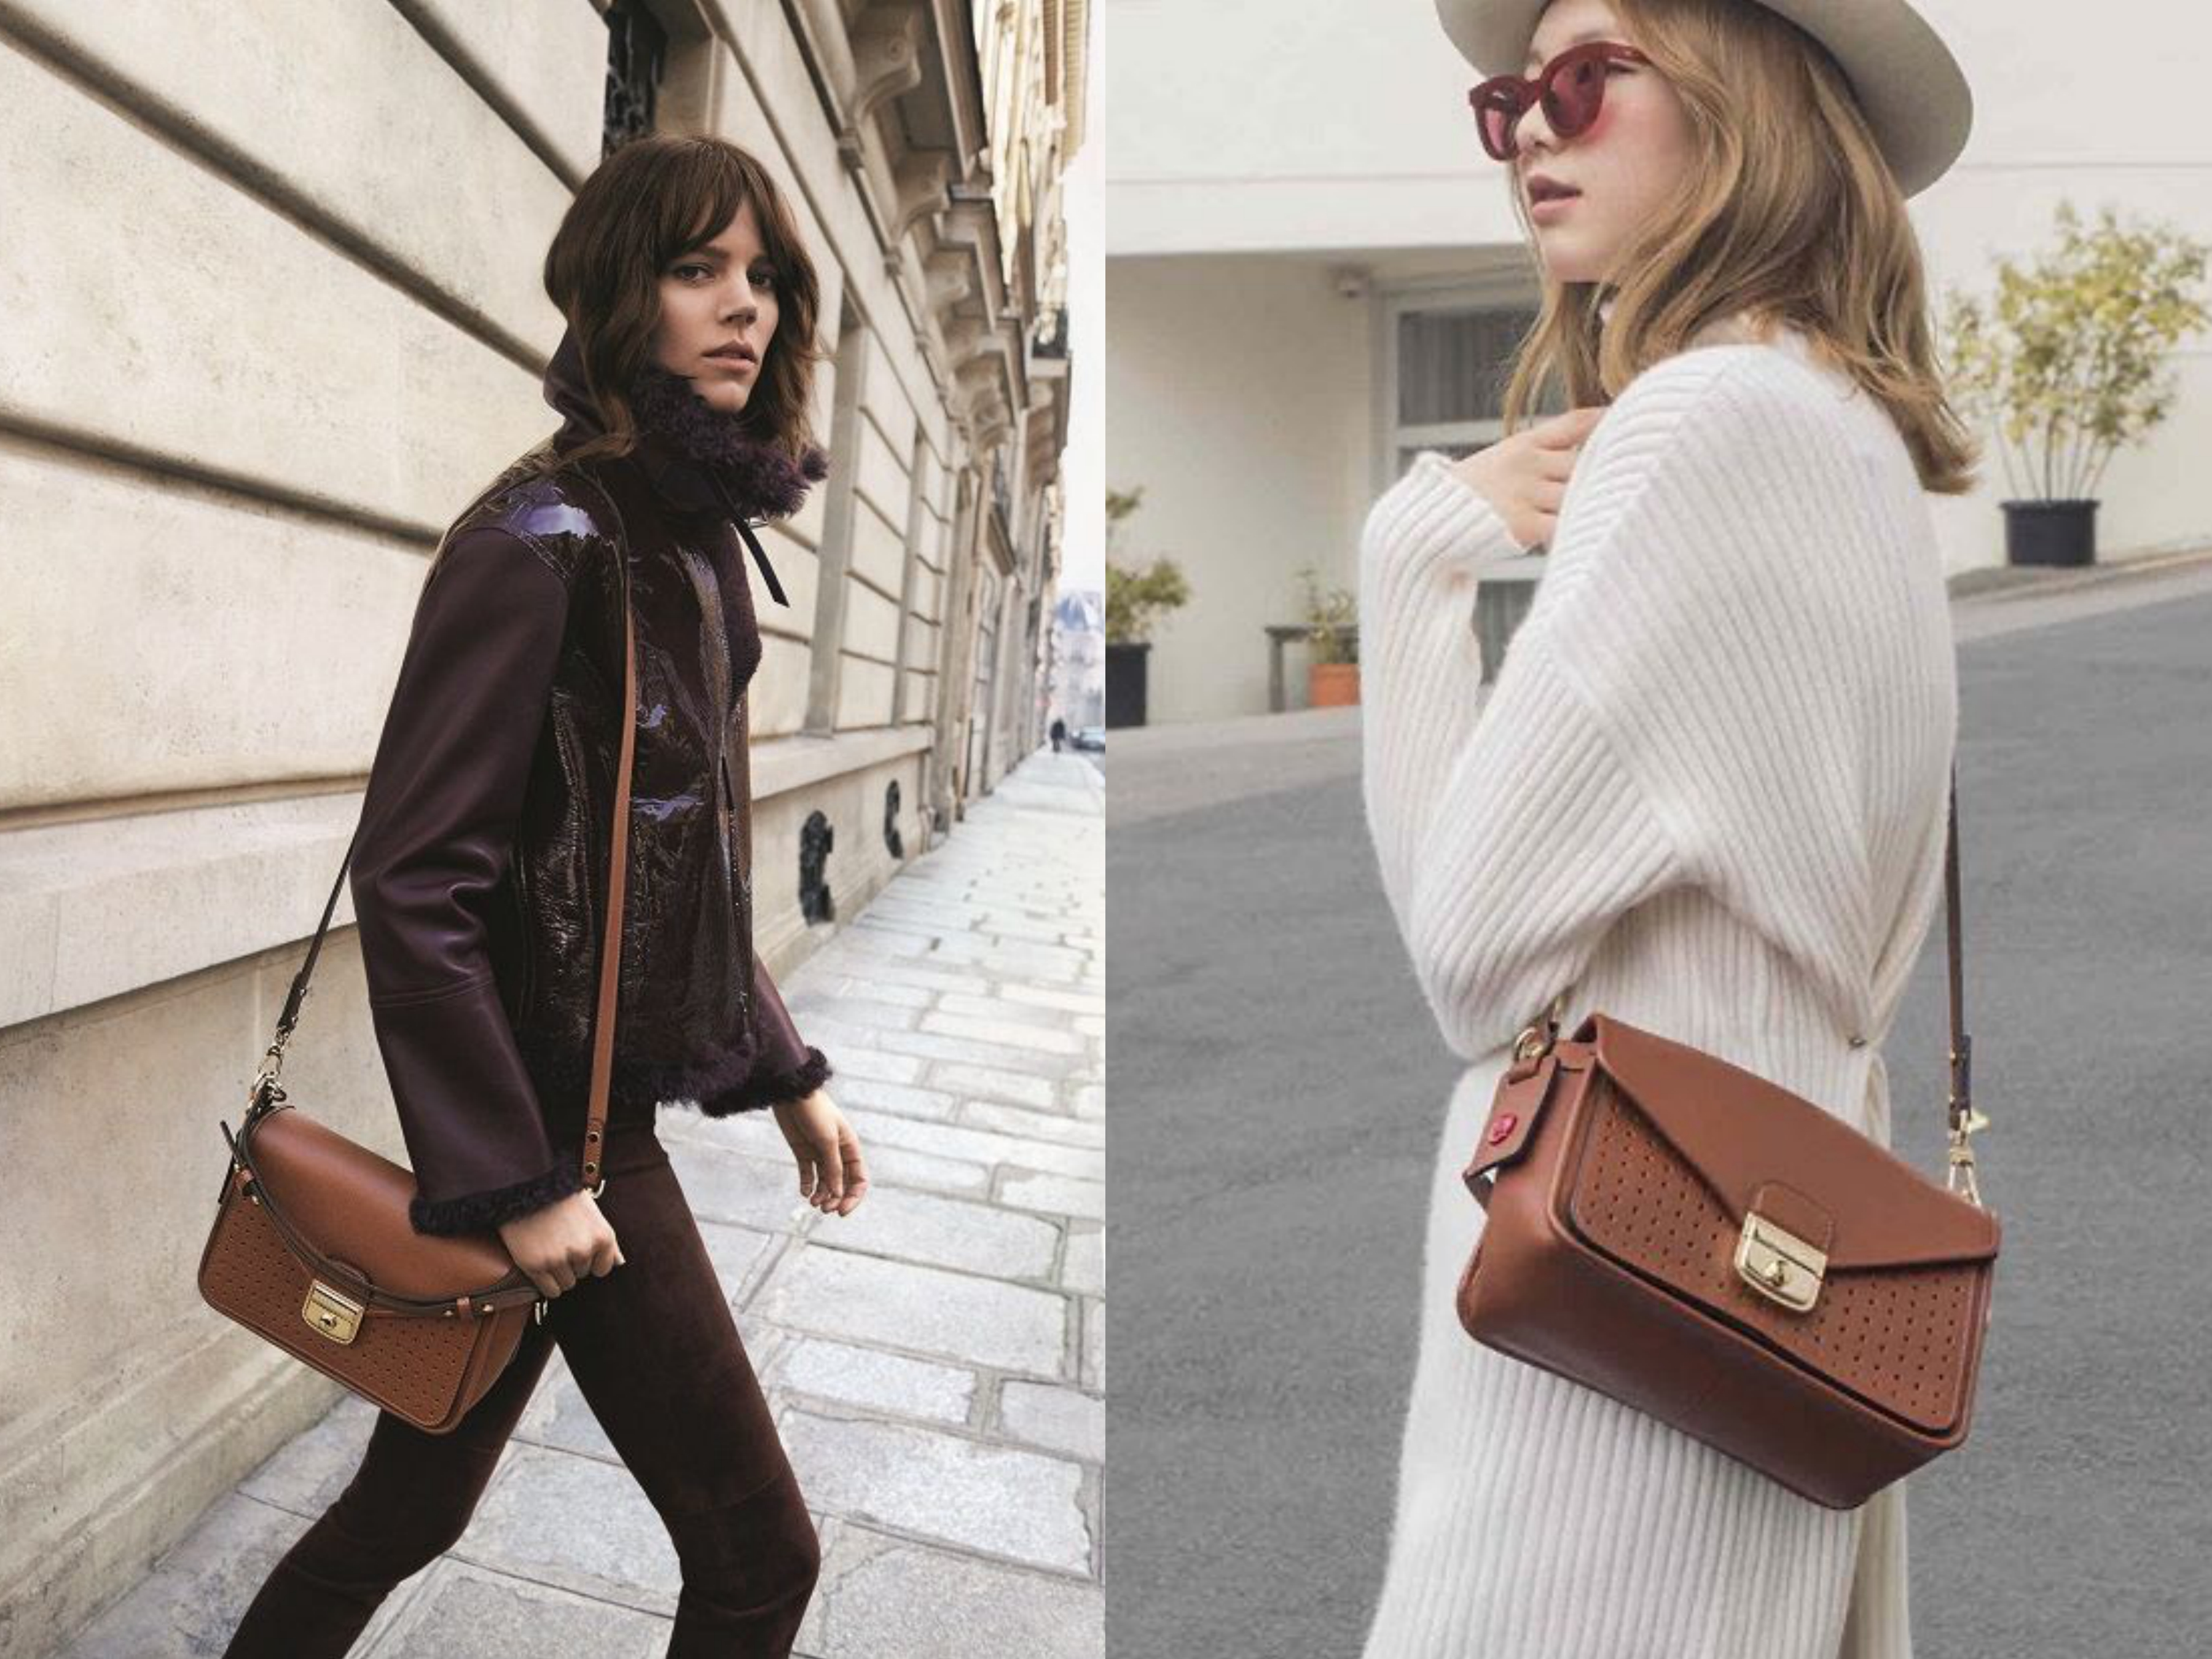 這款Mademoiselle包設計富有層次感與線條感,將優雅與休閒巧妙結合。